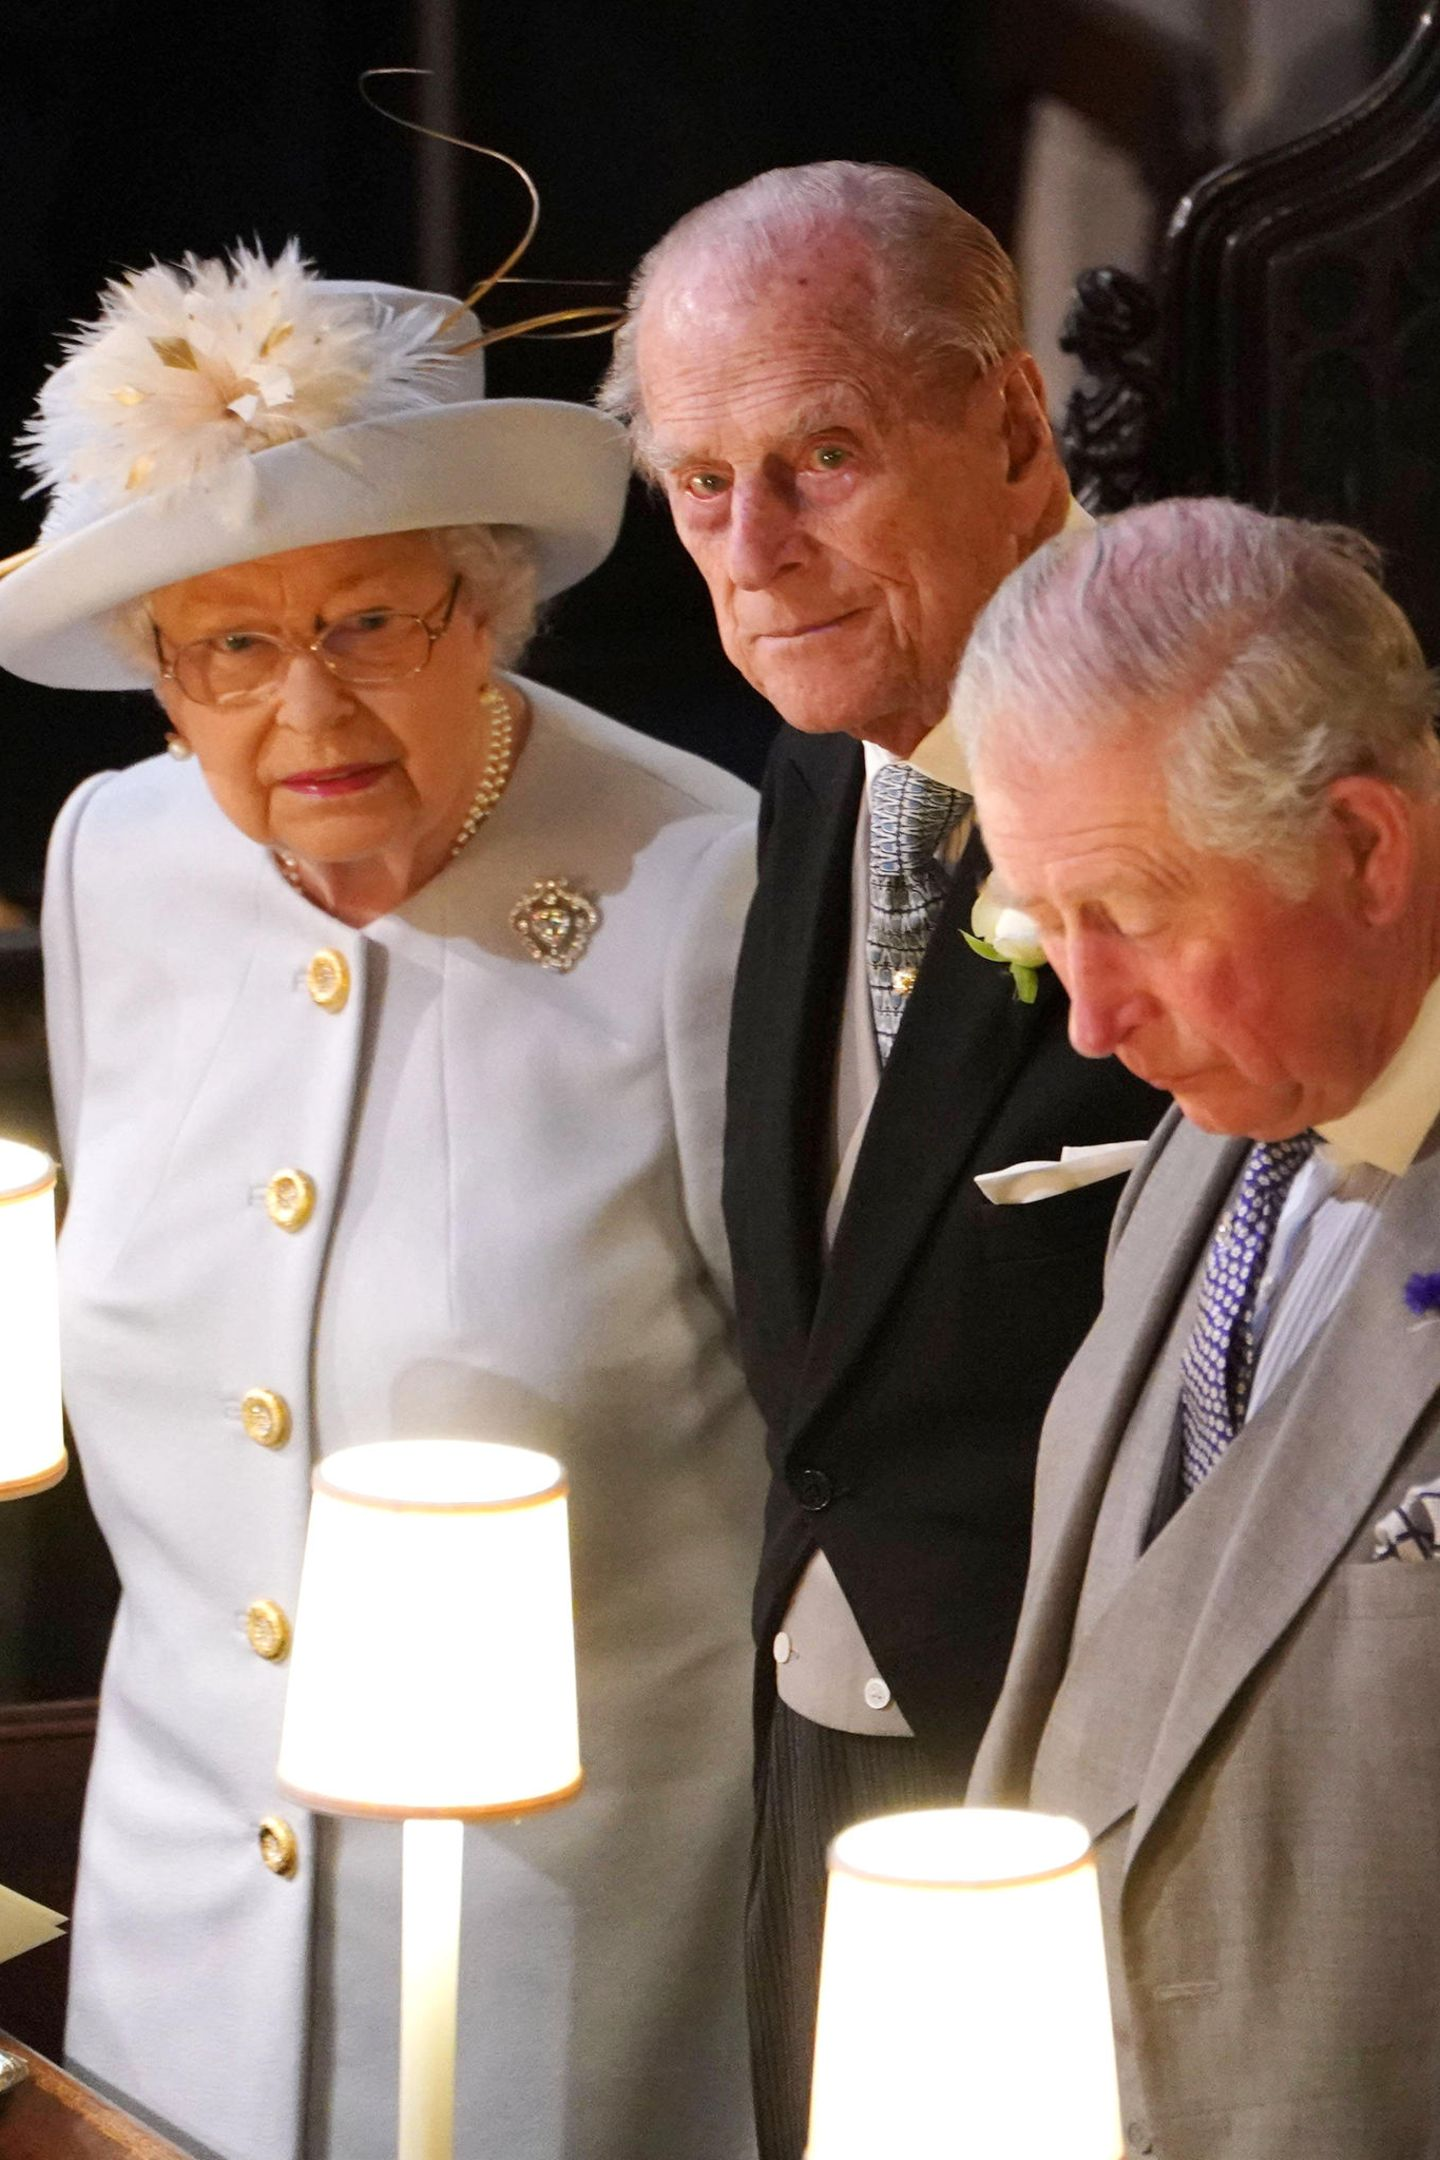 Das Oberhaupt des britischen Königshauses, Queen Elizabeth, ist natürlich bei der Hochzeit ihrer Enkelin Prinzessin Eugenie anwesend. Wie immer an ihrer Seite ist ihr Mann Prinz Philip und Sohn Prinz Charles.